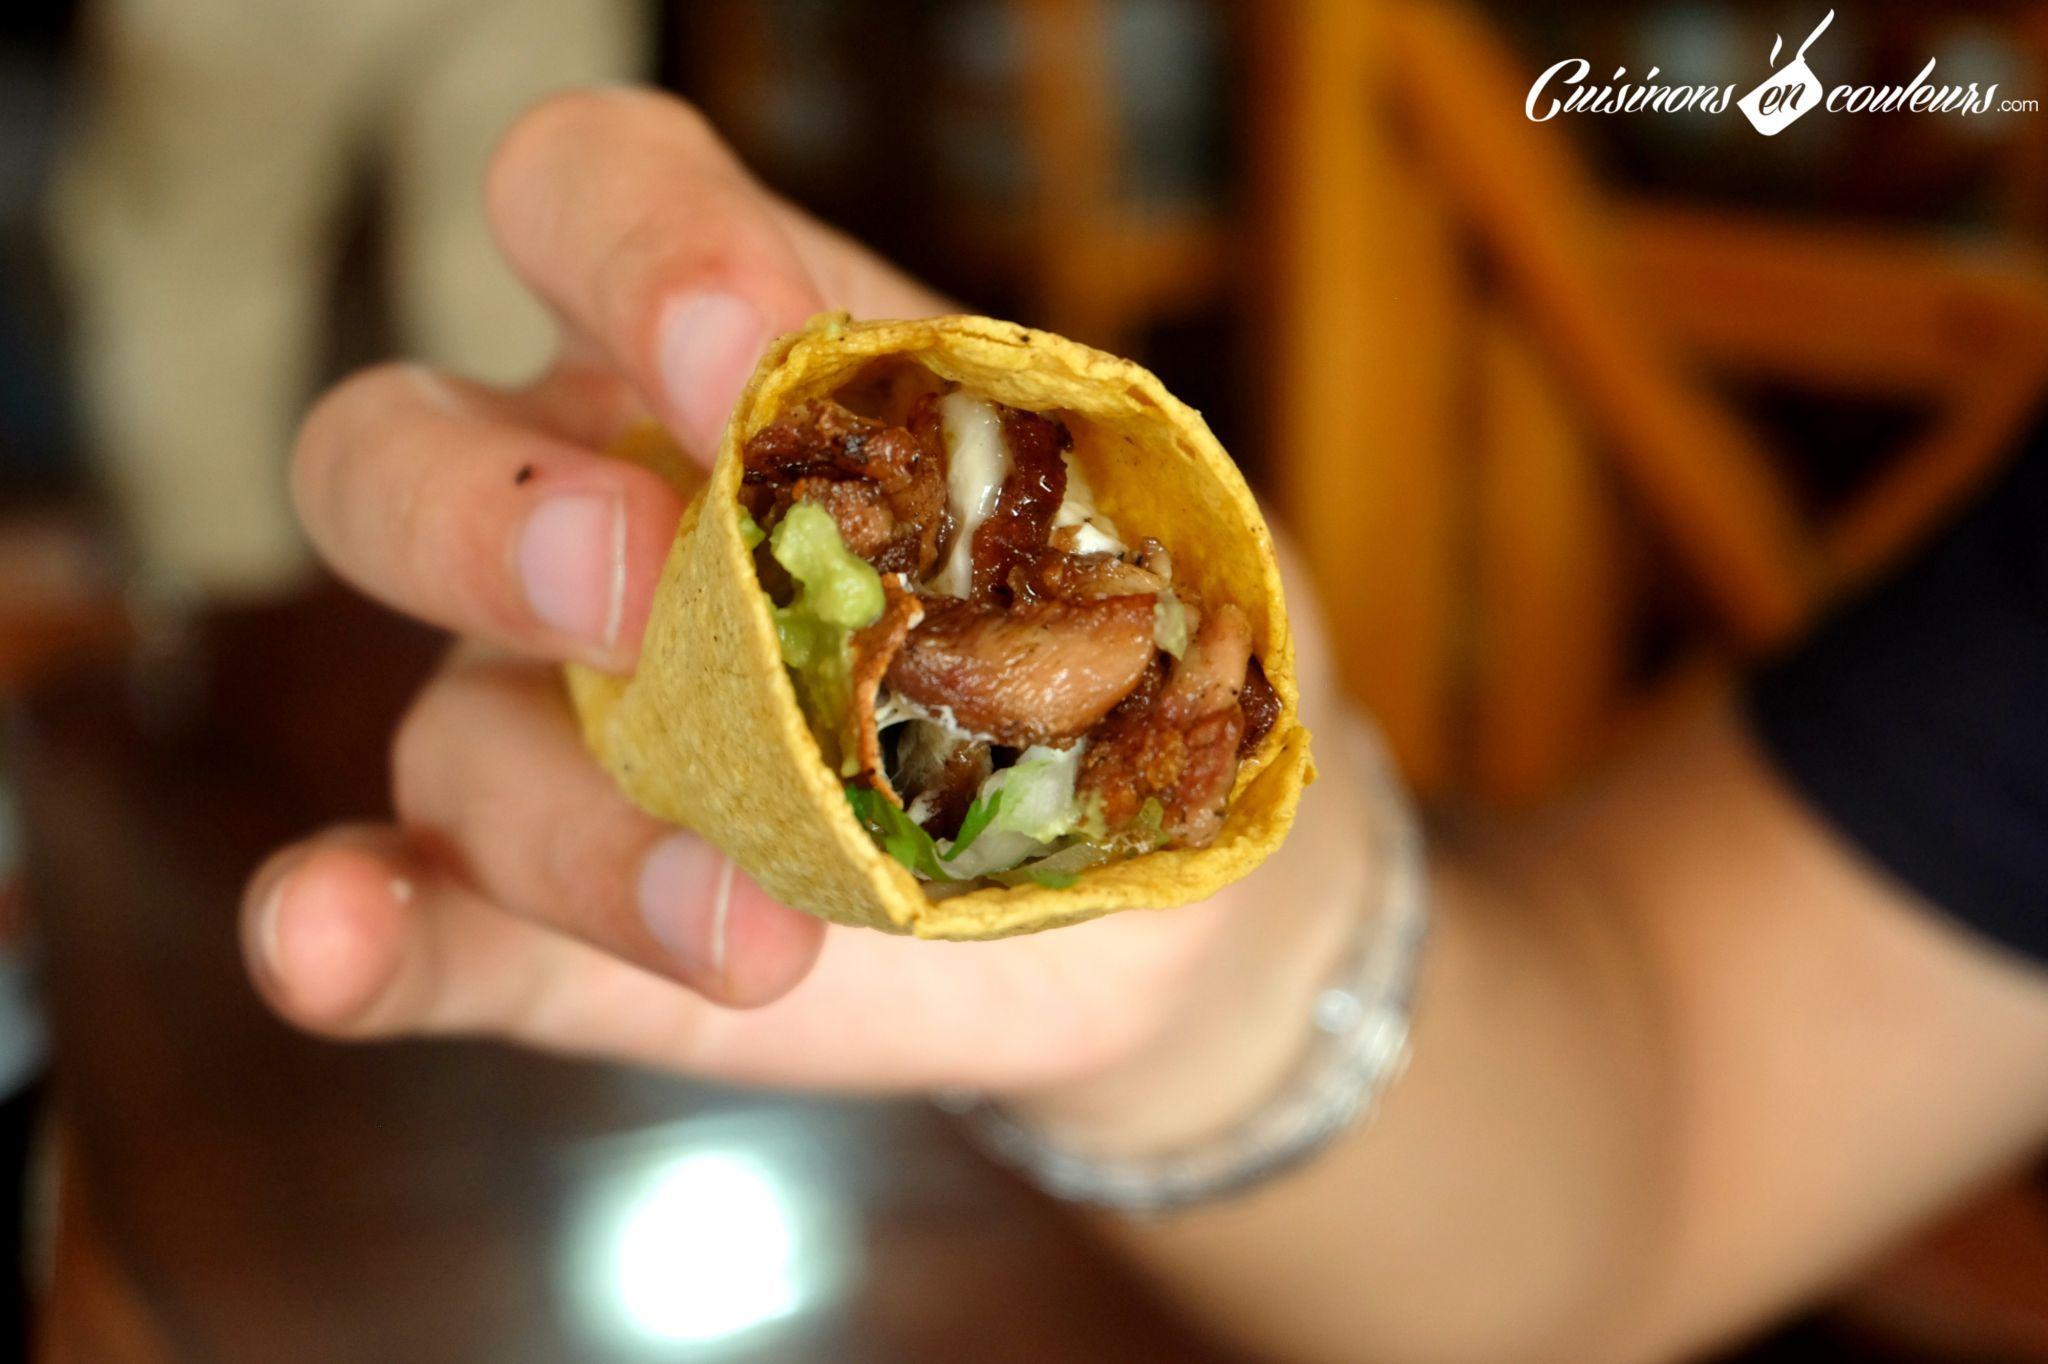 Taqueria - Mexican food